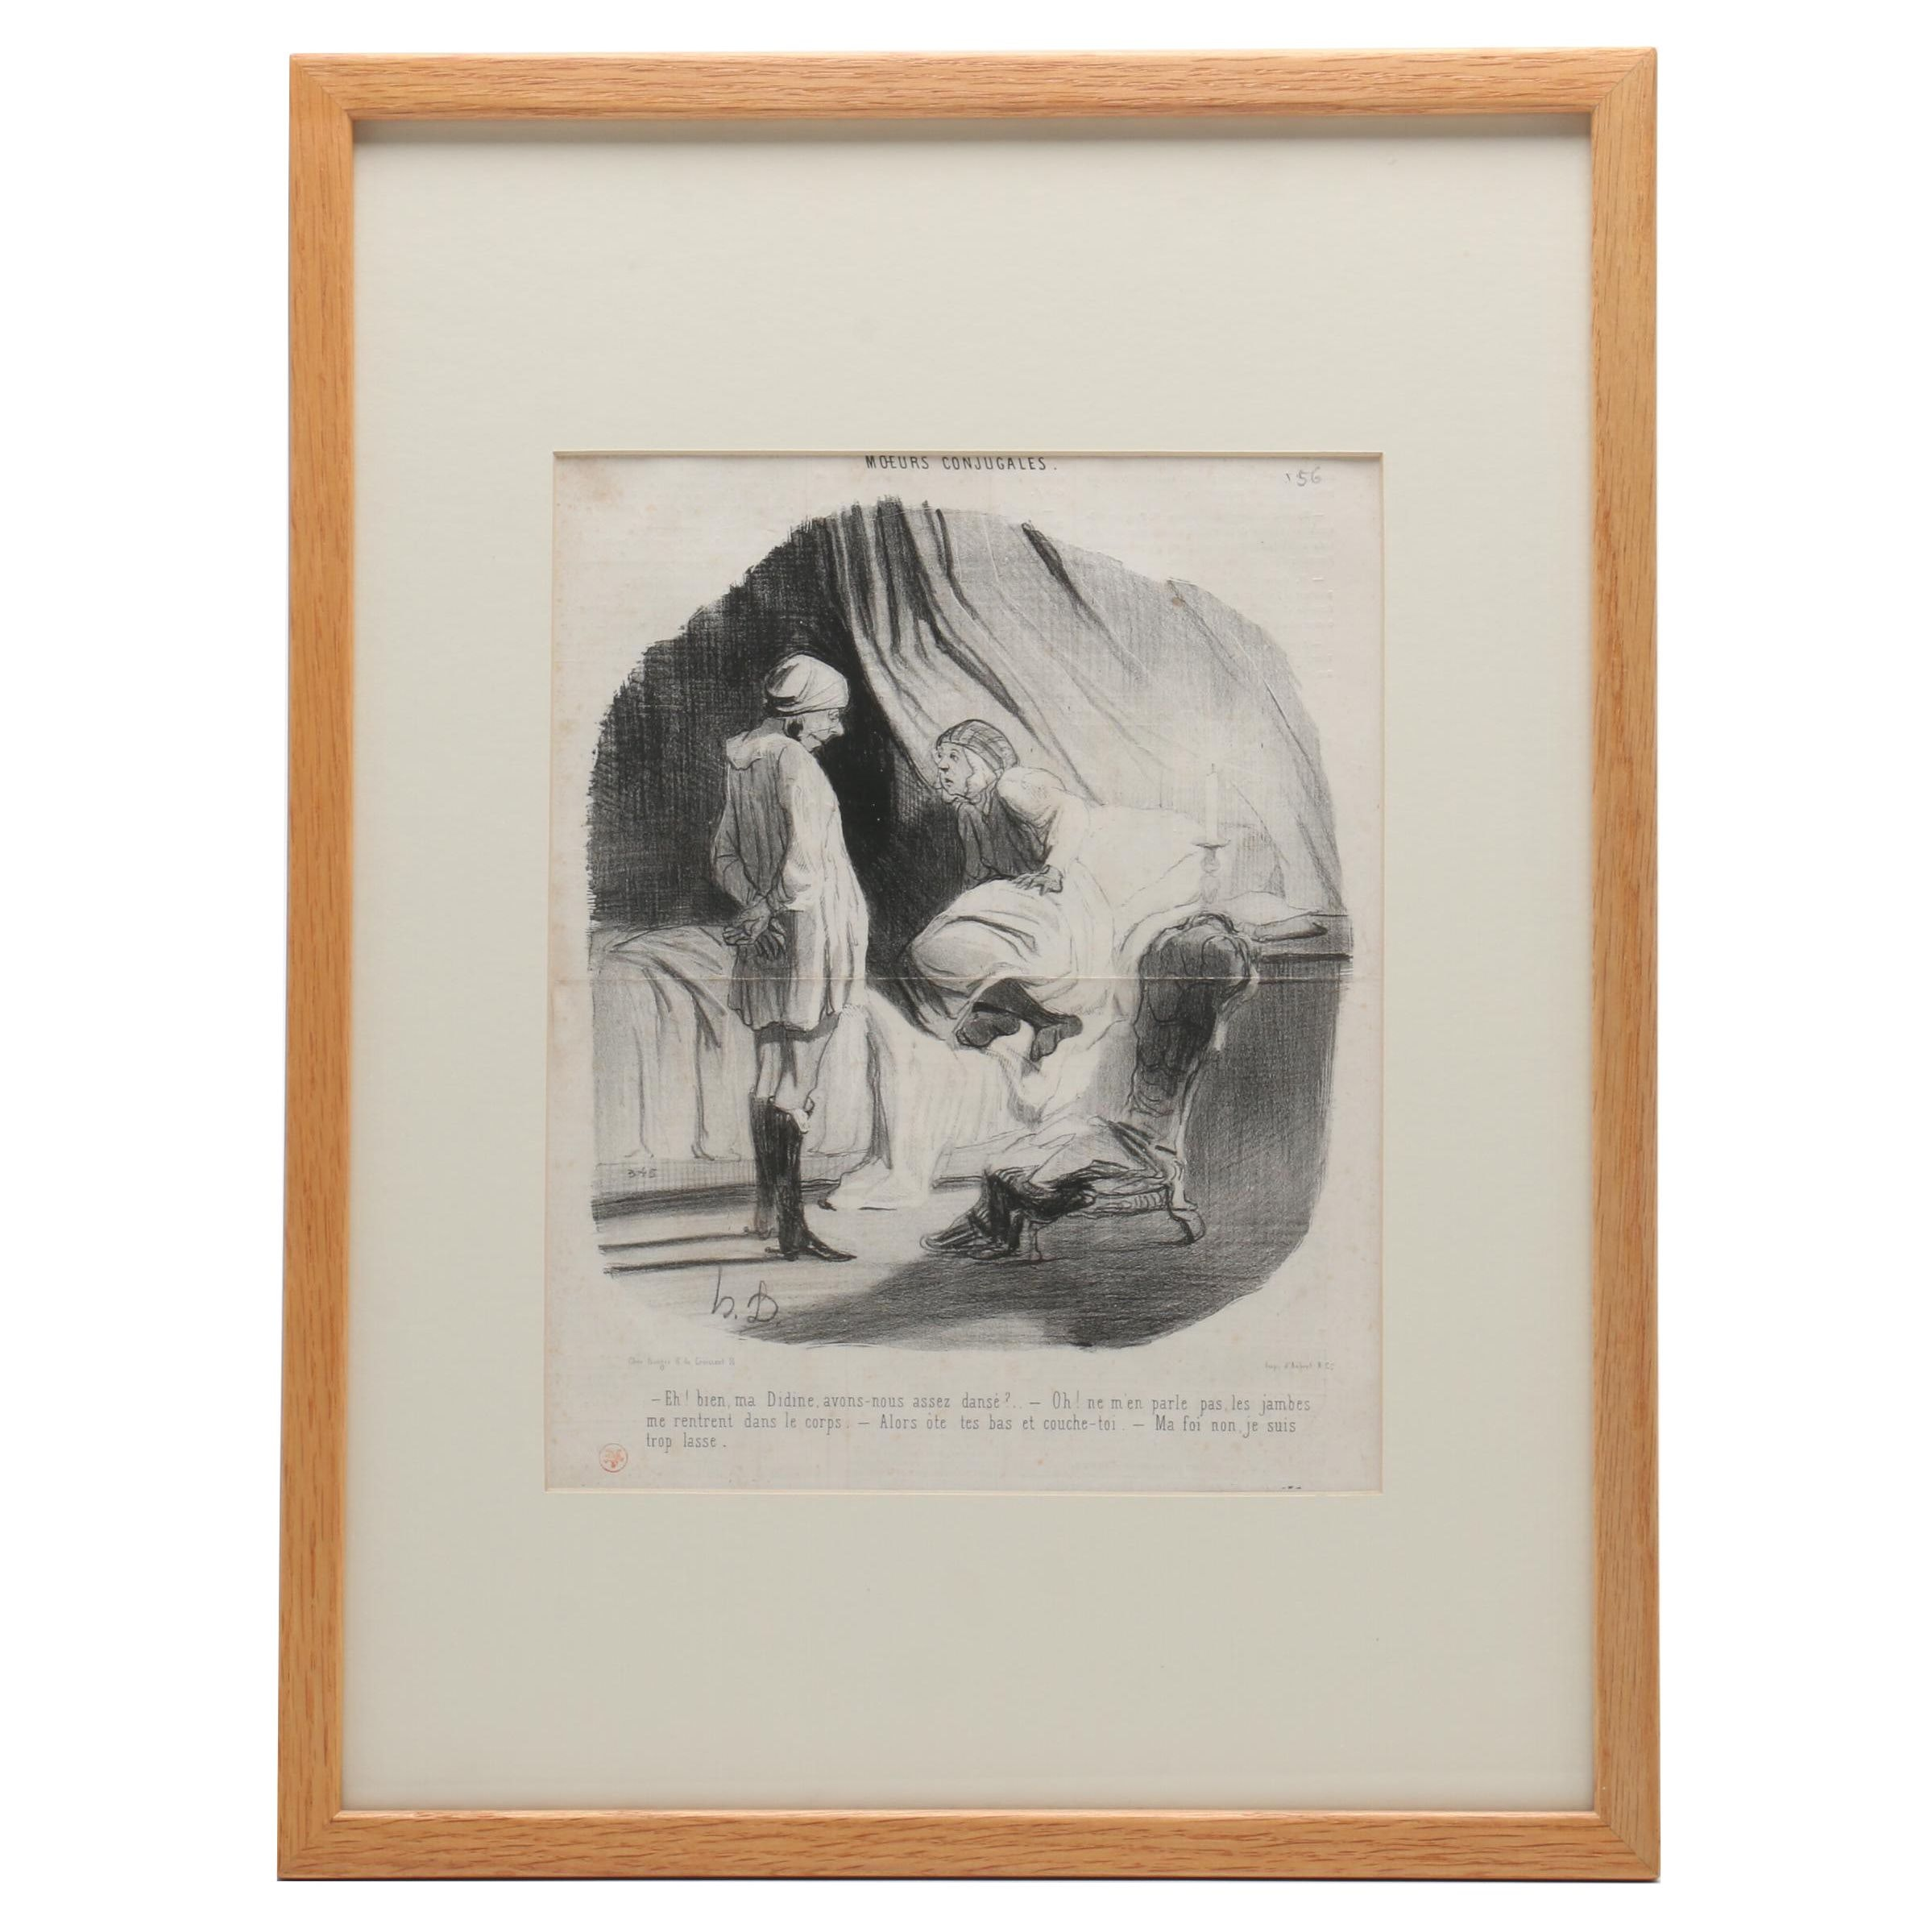 """Lithograph after Honoré Daumier """"Moeurs Conjugales"""""""